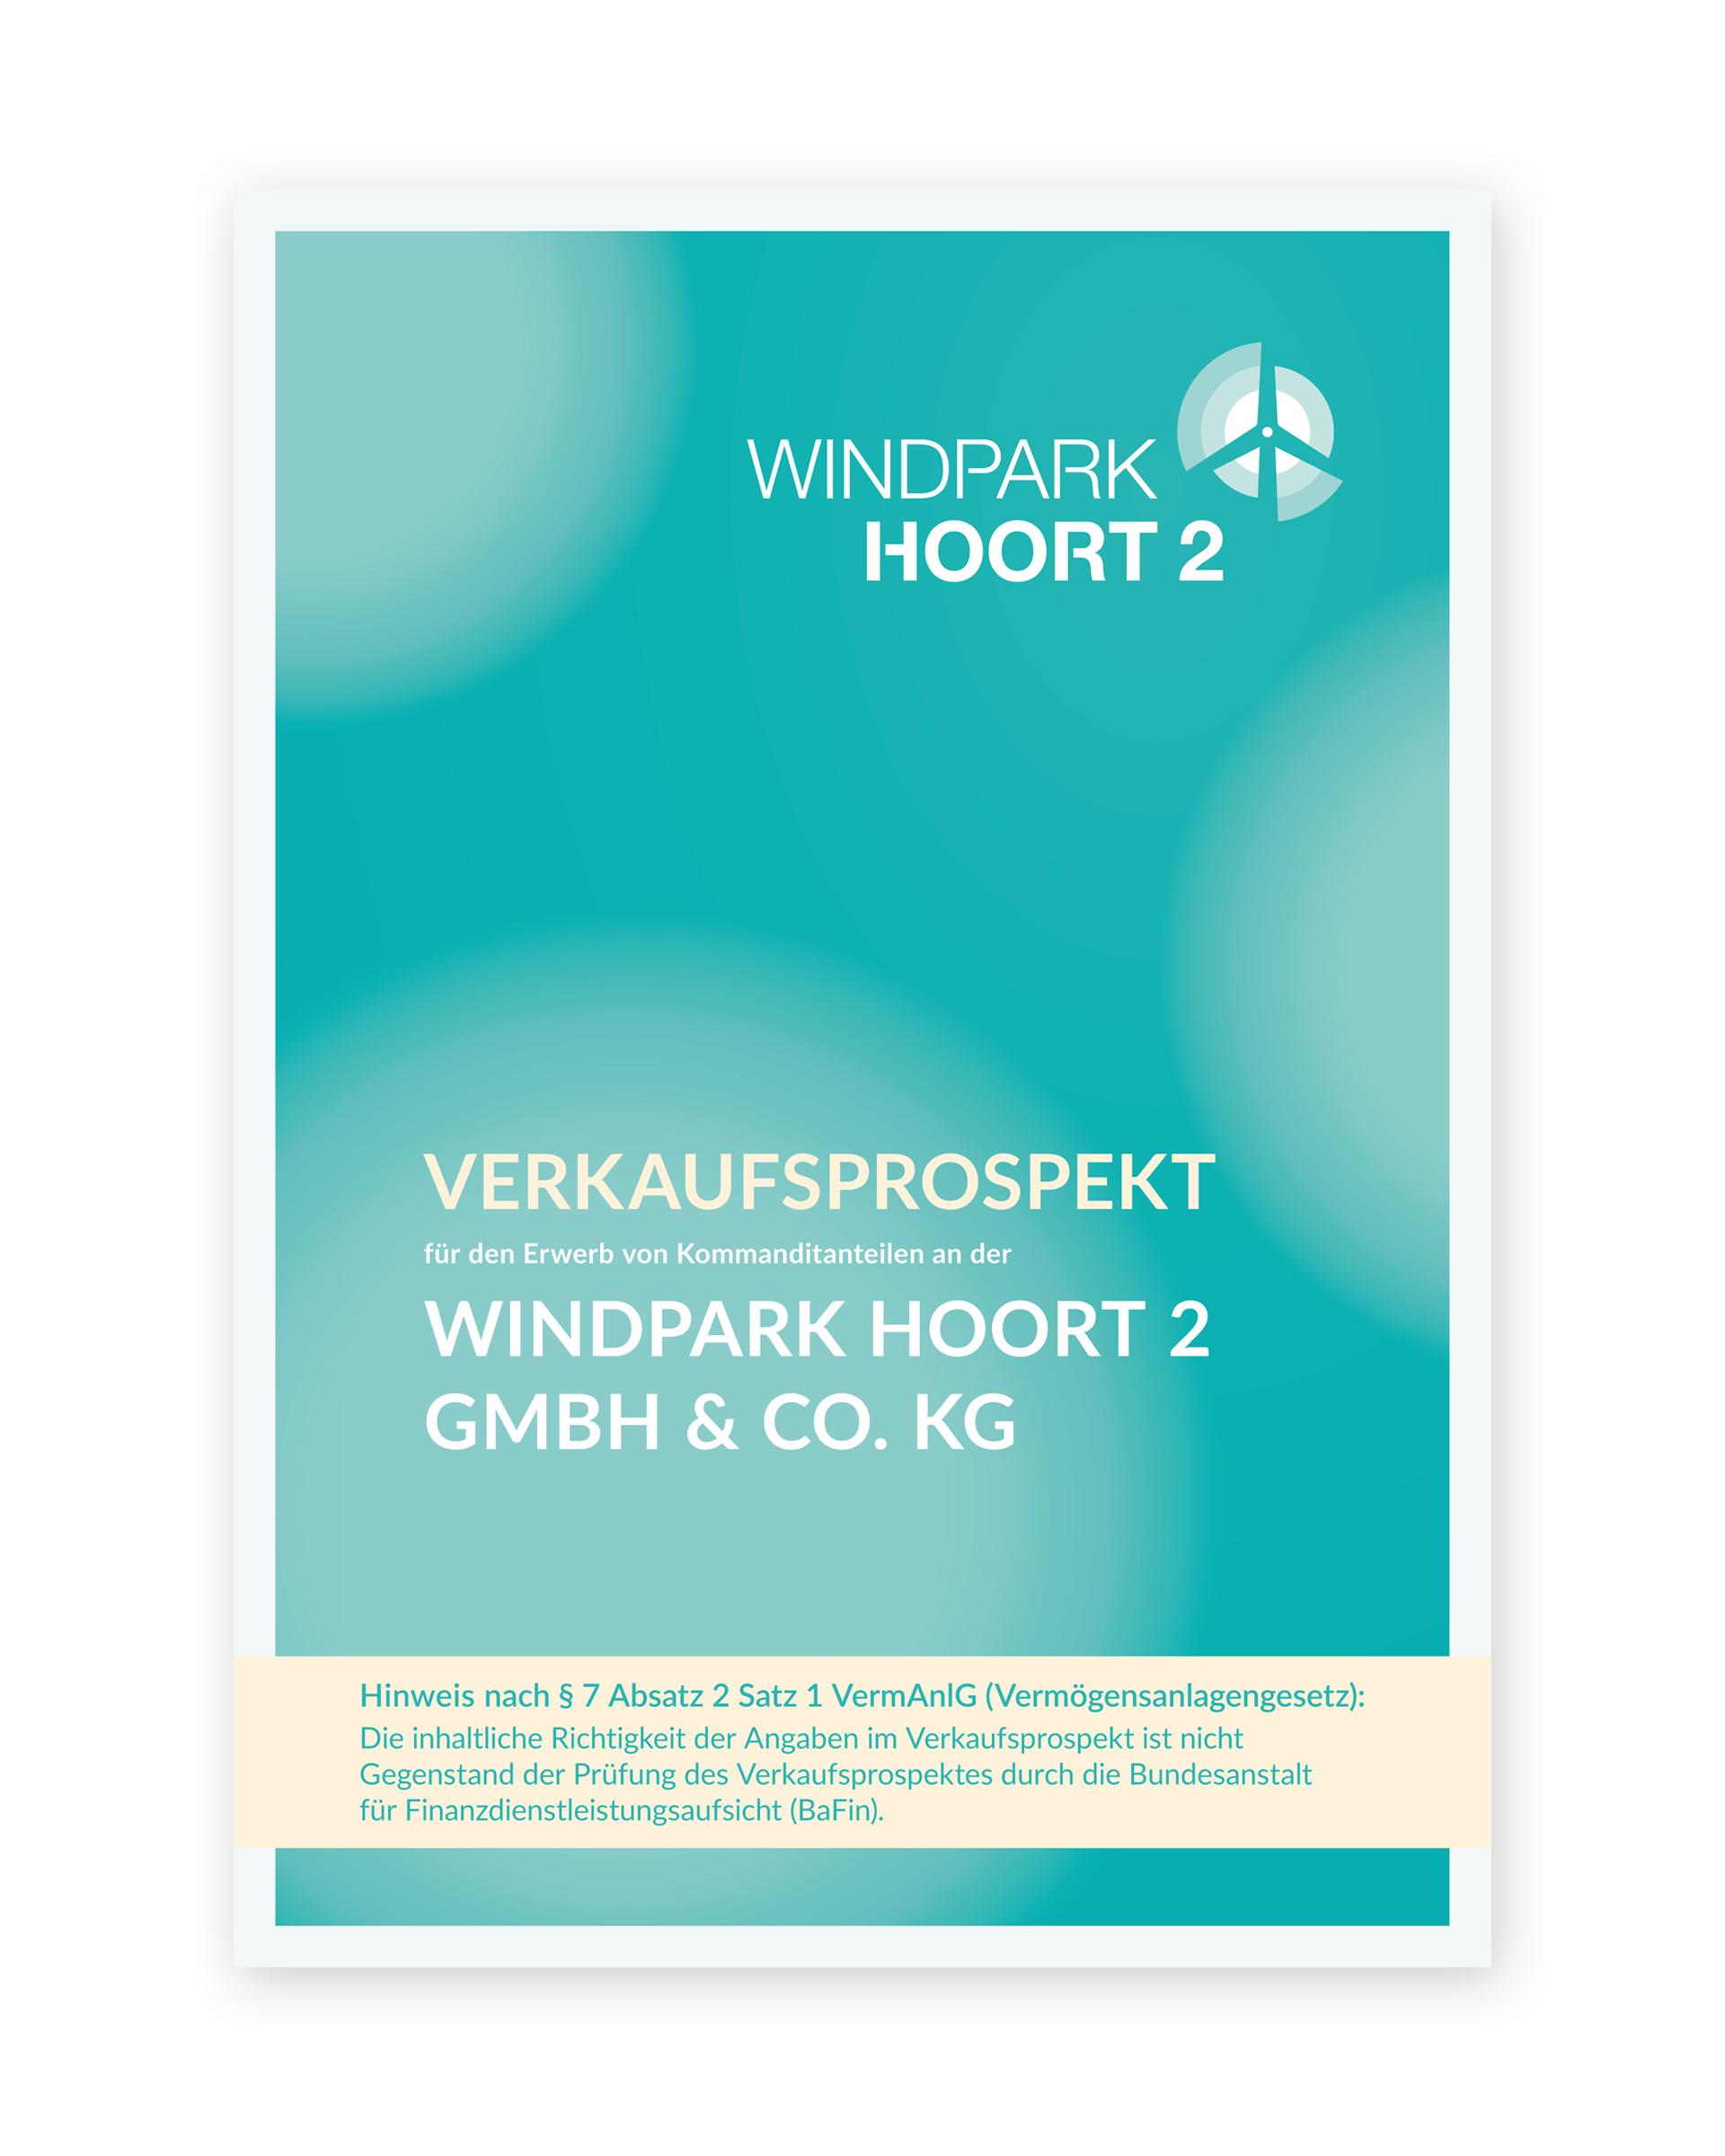 Design des Verkaufsprospekts der Windpark Hoort 2 GmbH & Co. KG